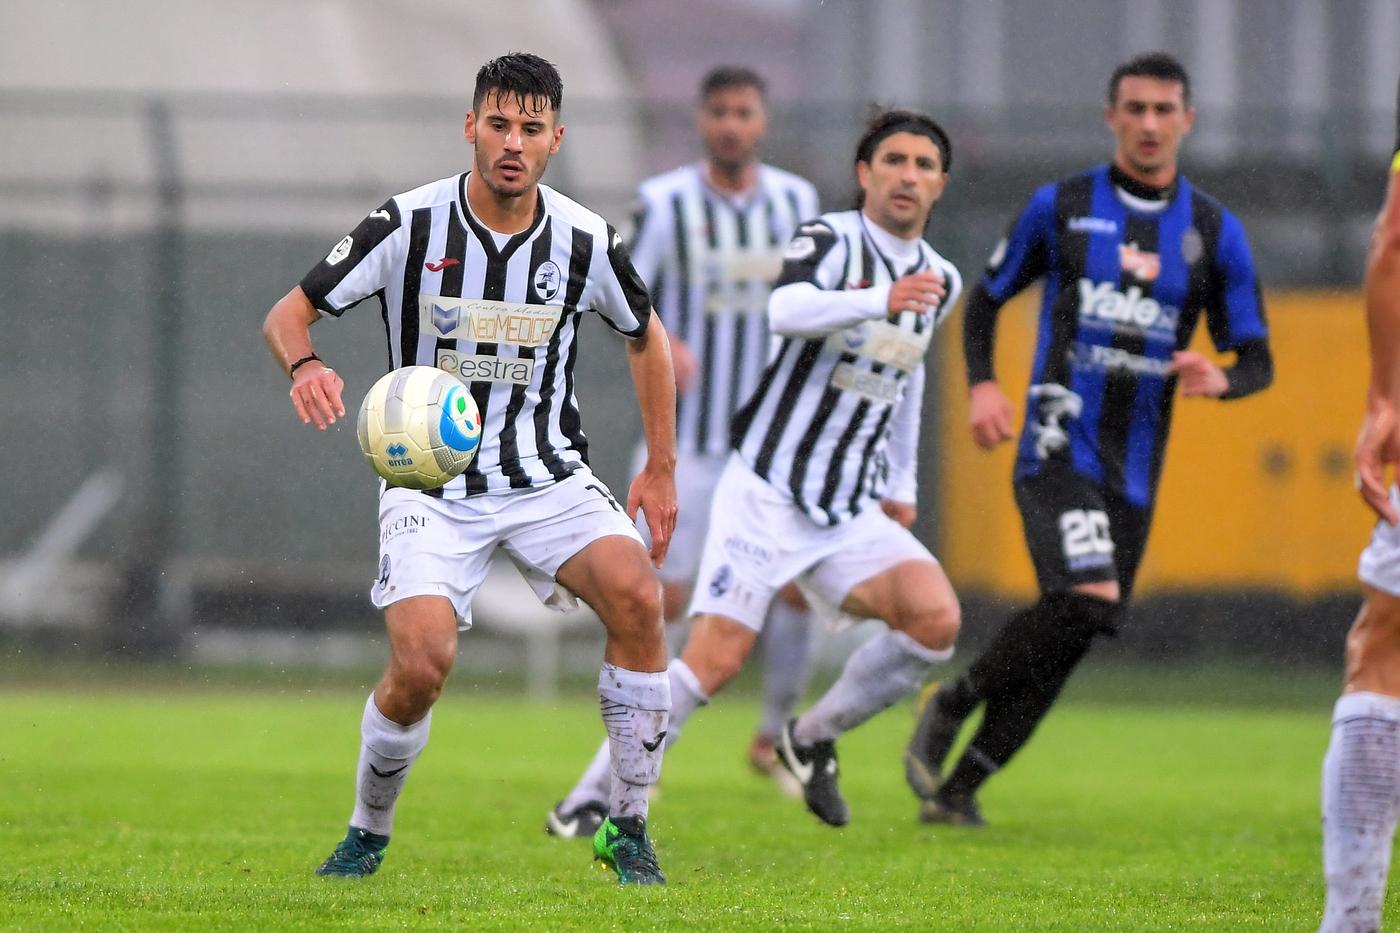 Siena-Gozzano 10 novembre: il pronostico di Serie C